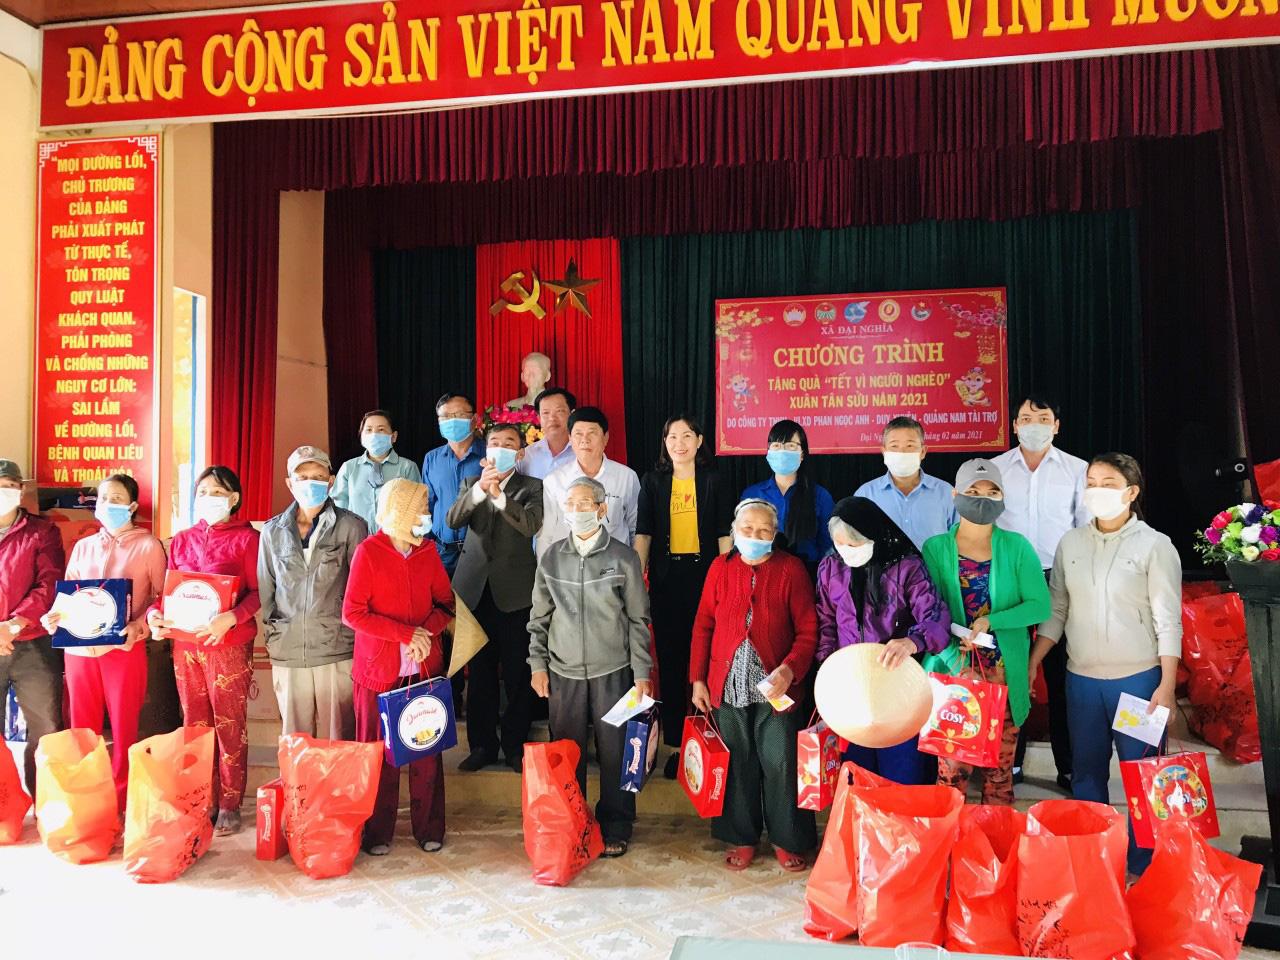 Quảng Nam: Hội Nông dân tỉnh kêu gọi hơn 1,2 tỷ đồng hỗ trợ nông dân đón tết     - Ảnh 1.